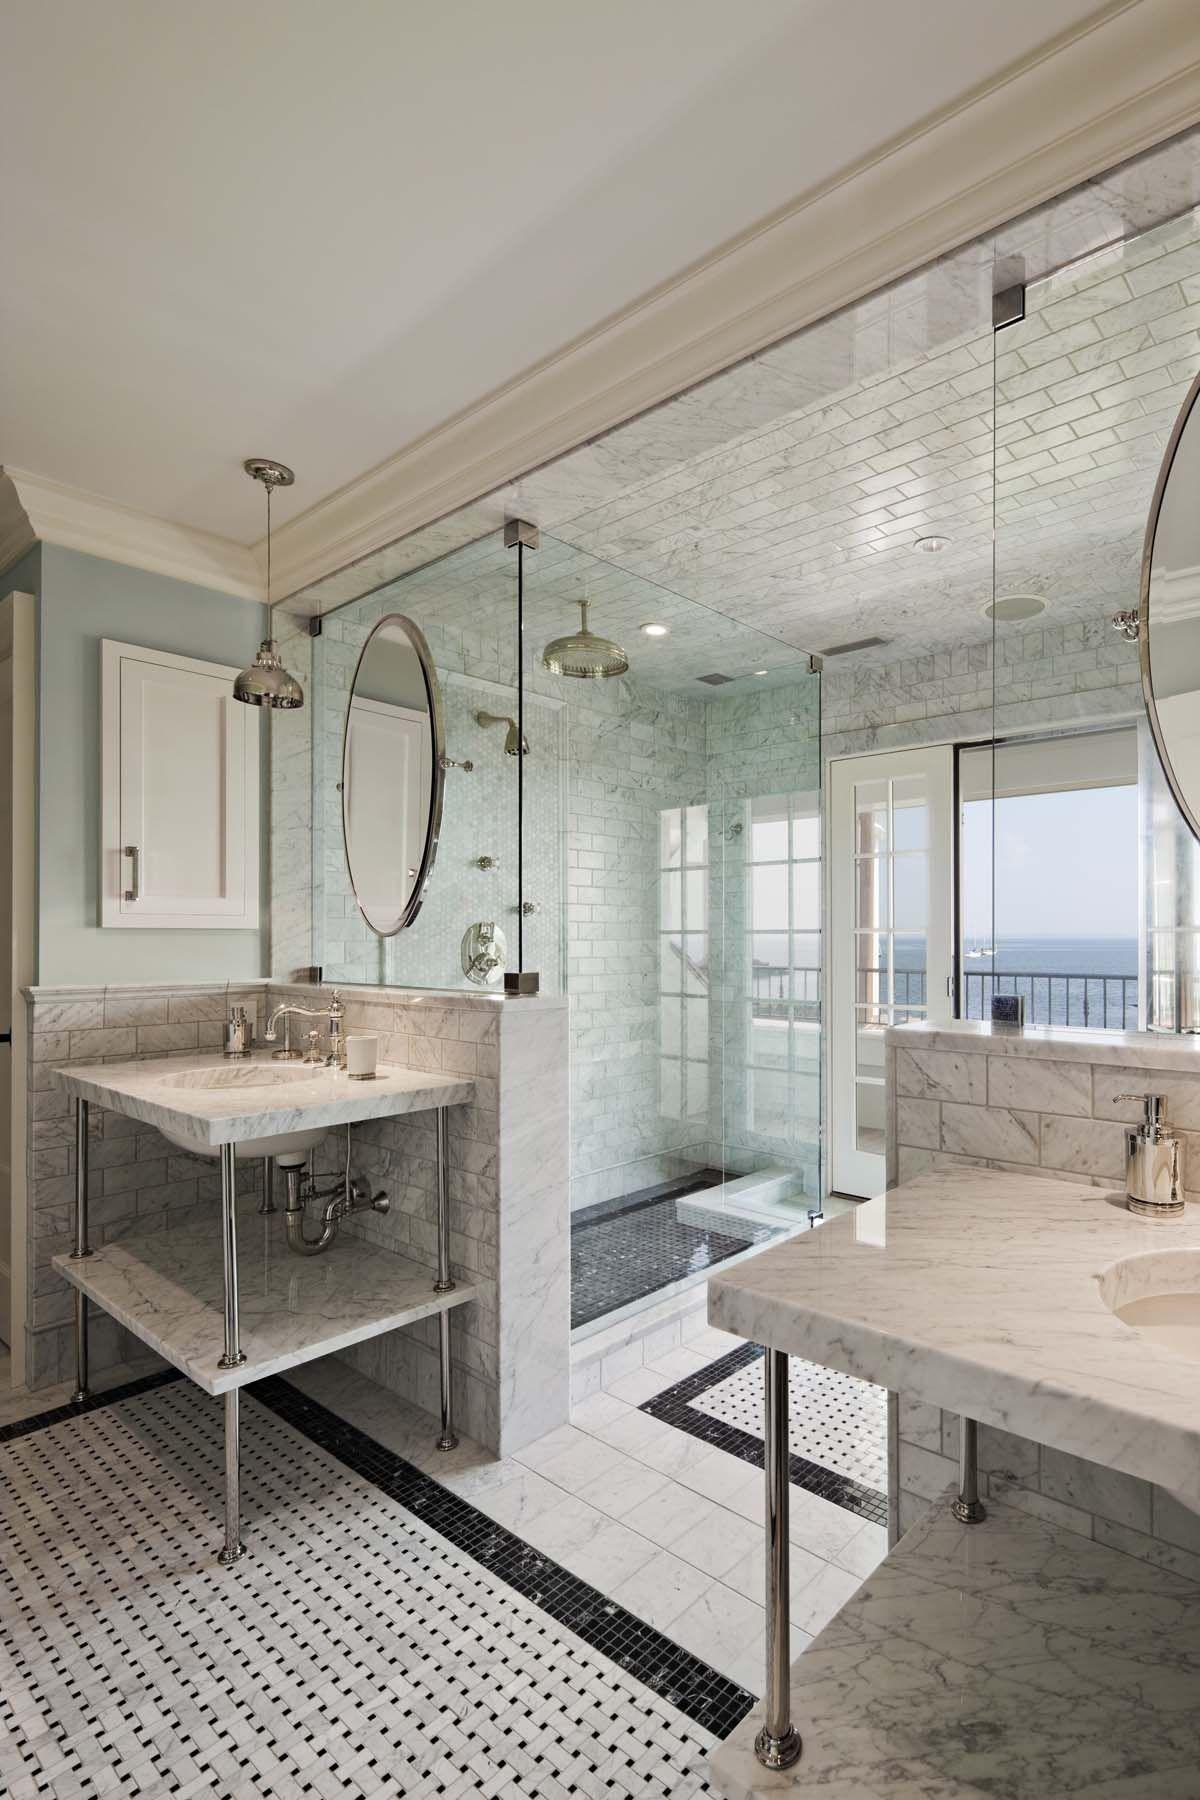 His And Her Bathroom Http Dennisharper Lnf Com Badgestaltung